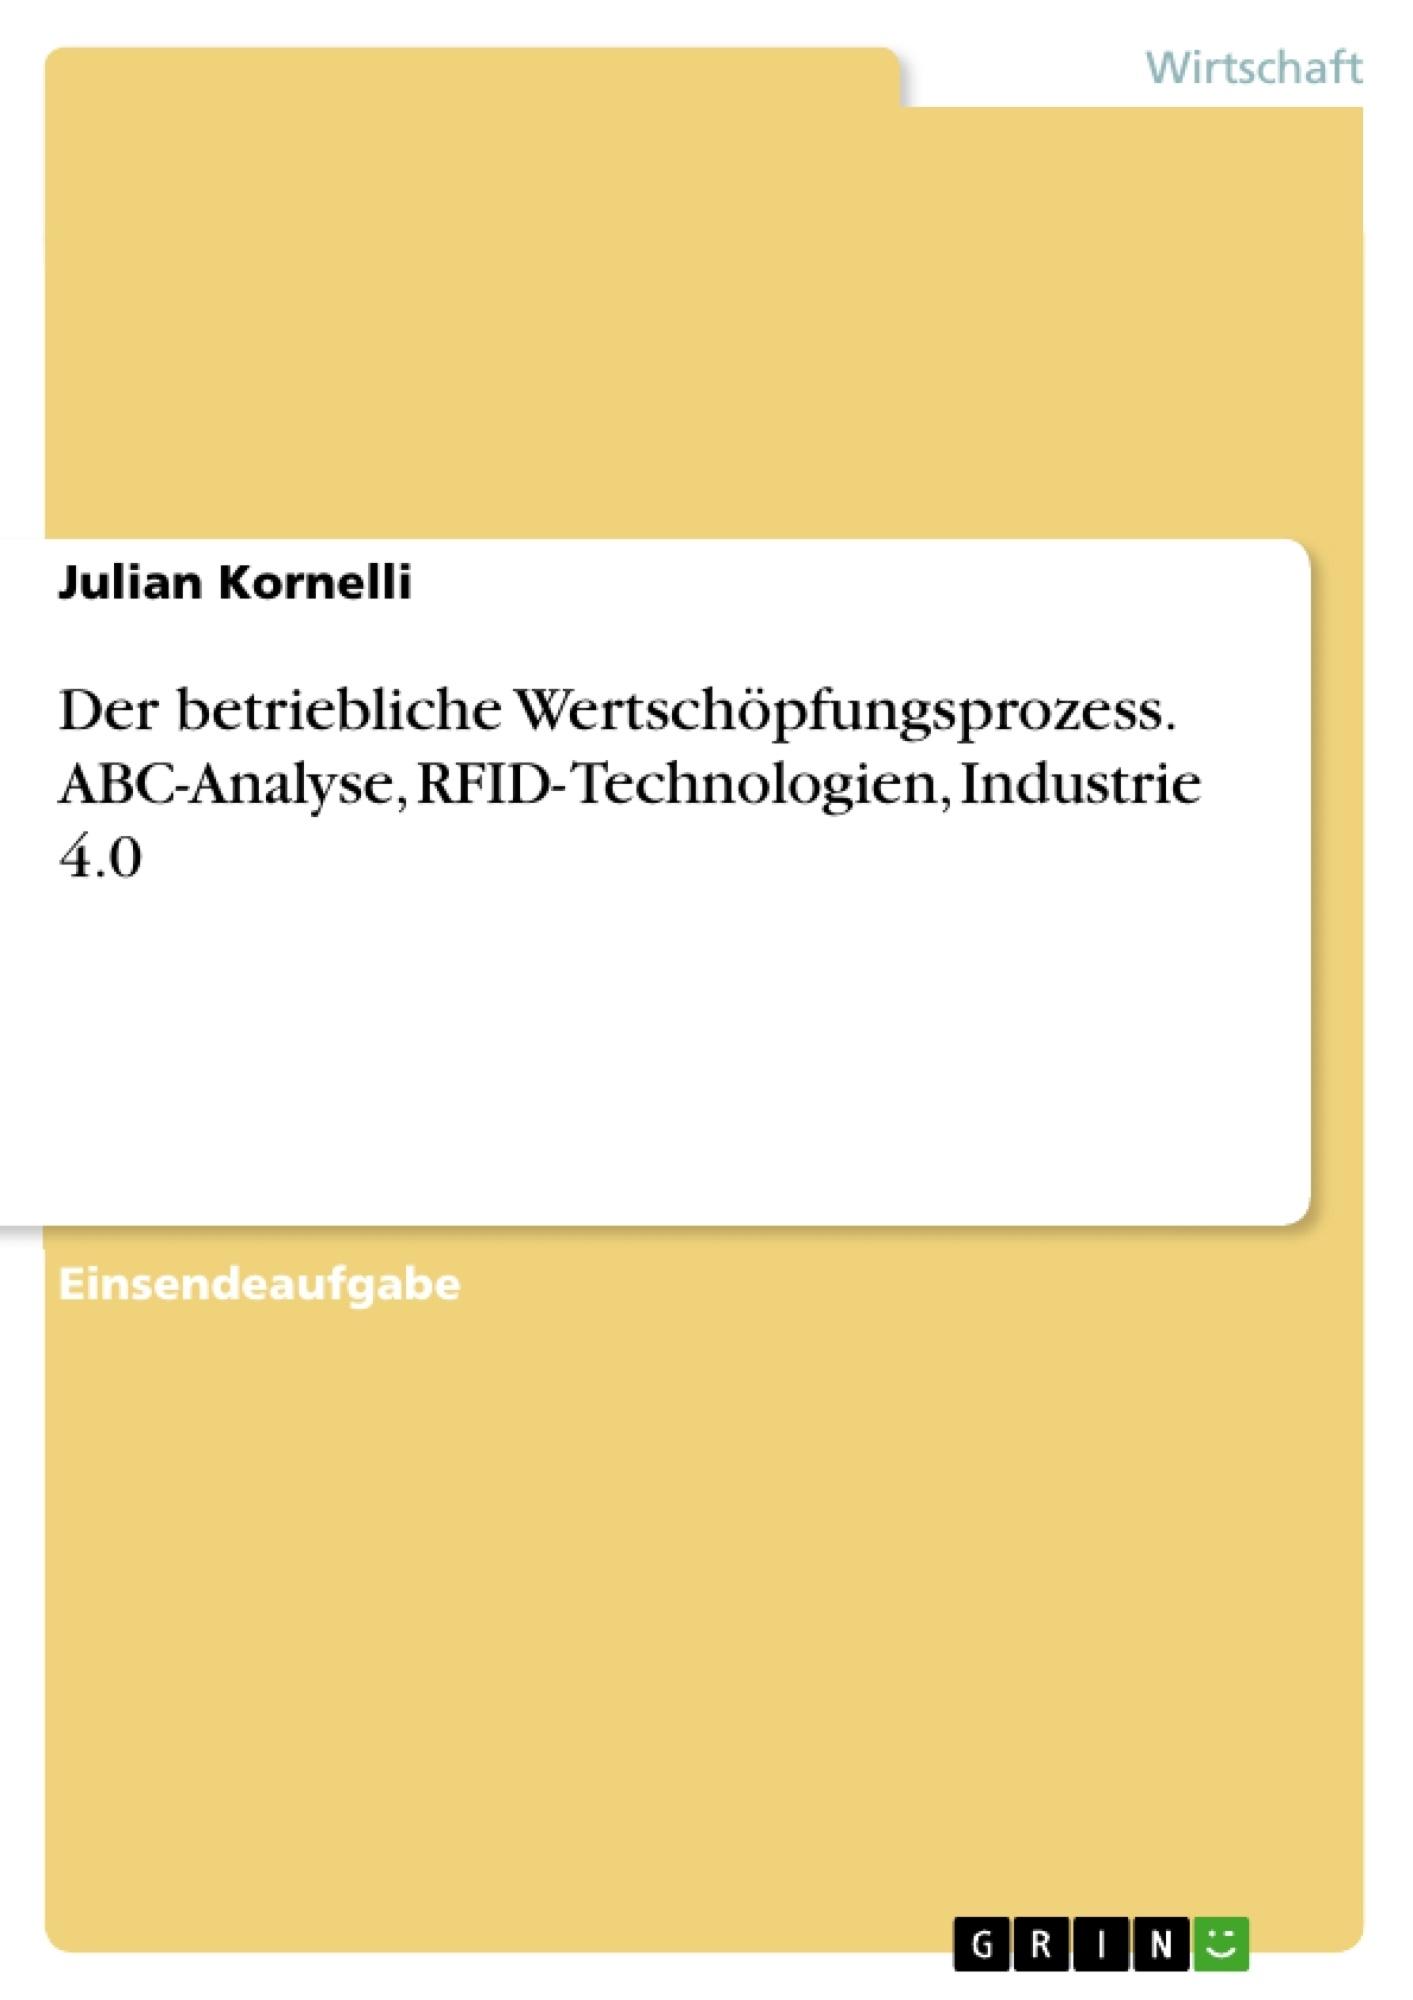 Titel: Der betriebliche Wertschöpfungsprozess. ABC-Analyse, RFID- Technologien, Industrie 4.0